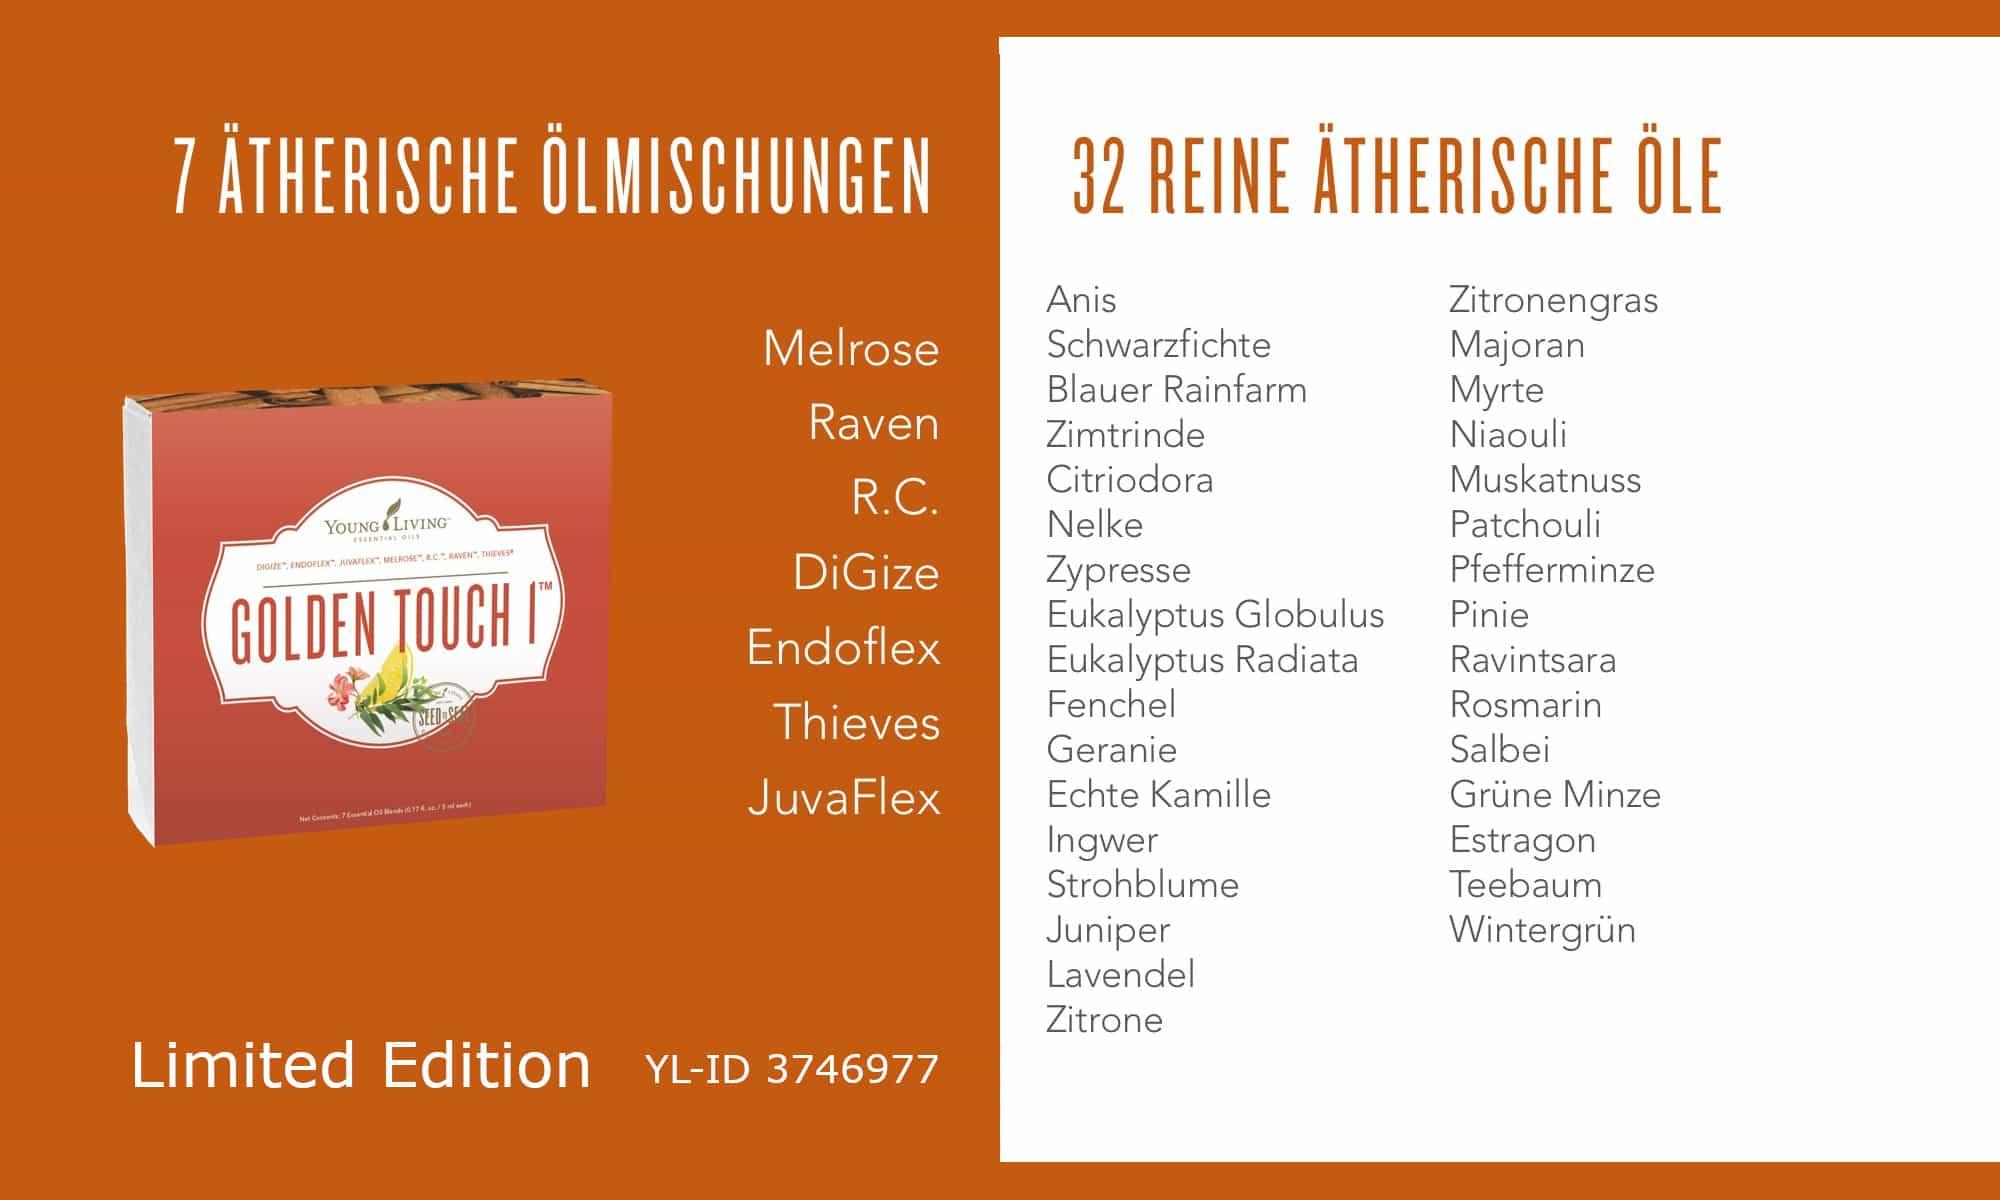 Liste der ätherischen Öle im Golden Touch Set 1 (Limited Edition)